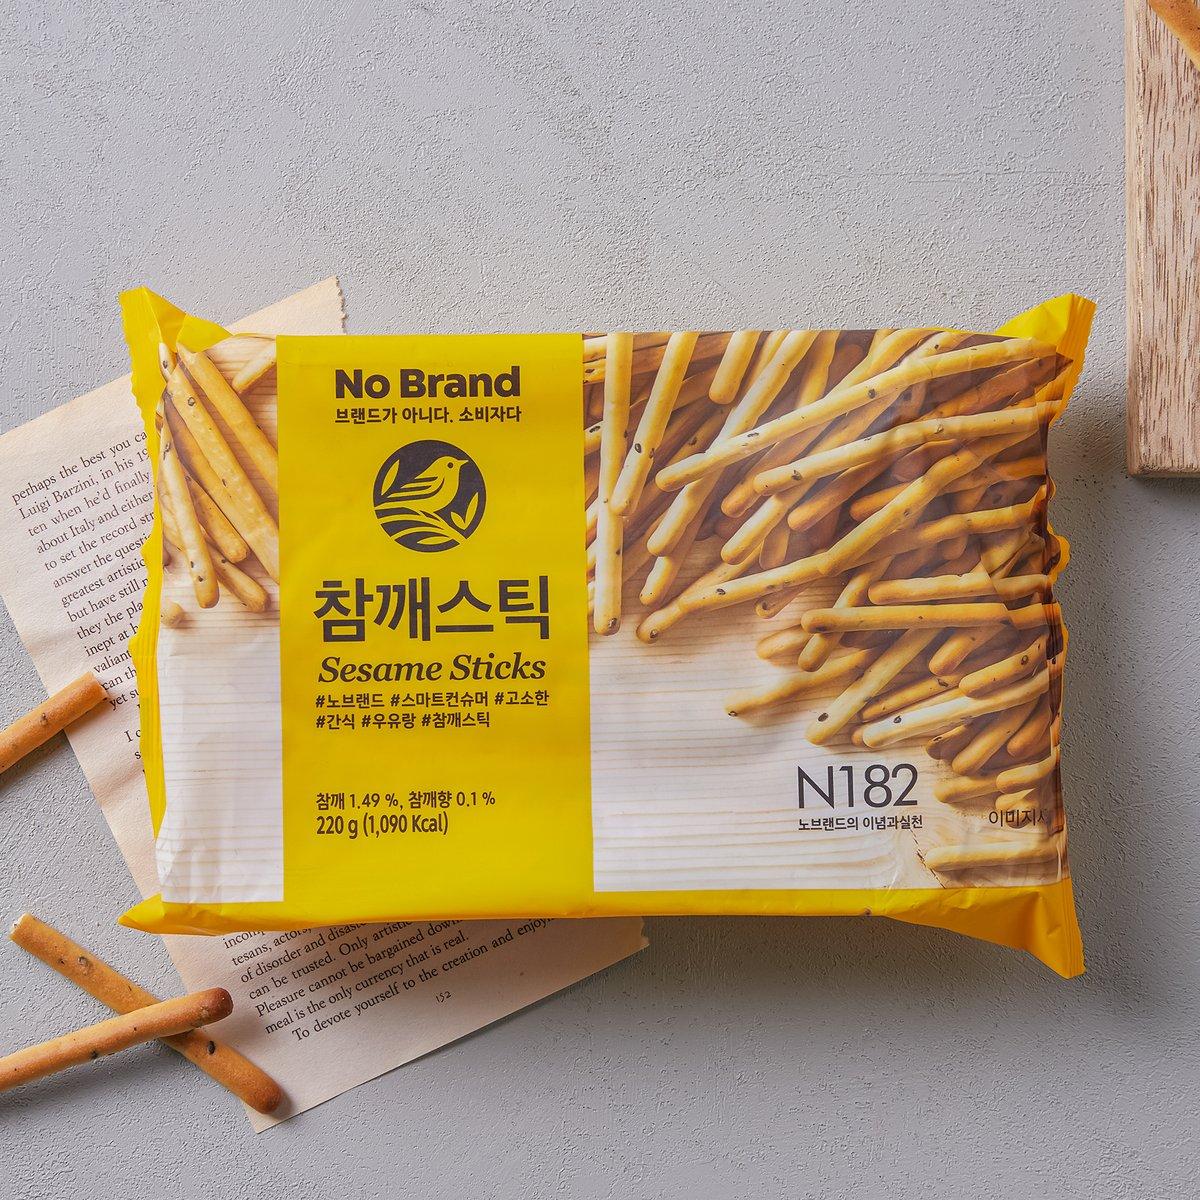 韓國 No Brand 芝麻味脆條餅乾 220g